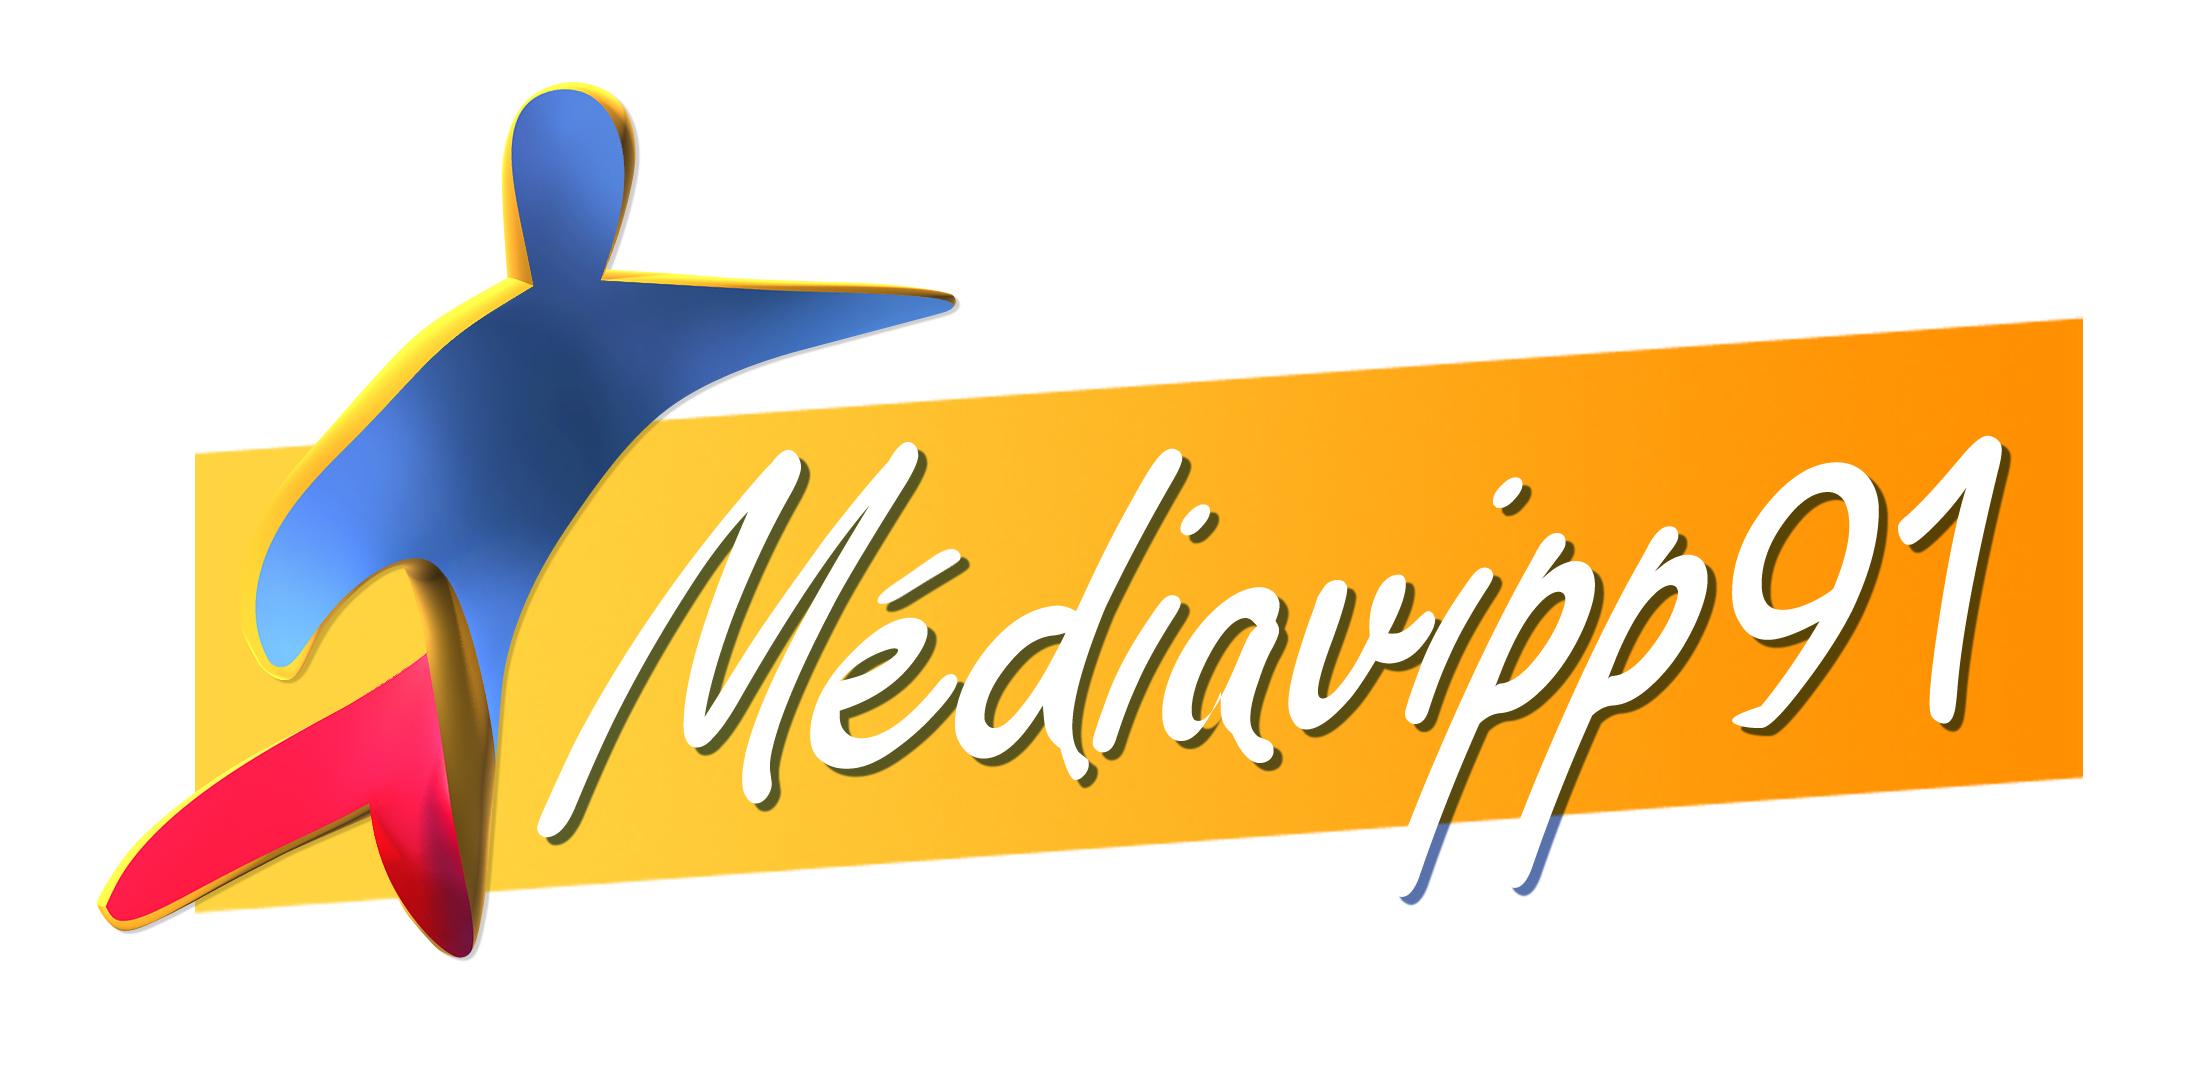 Mediavipp 91